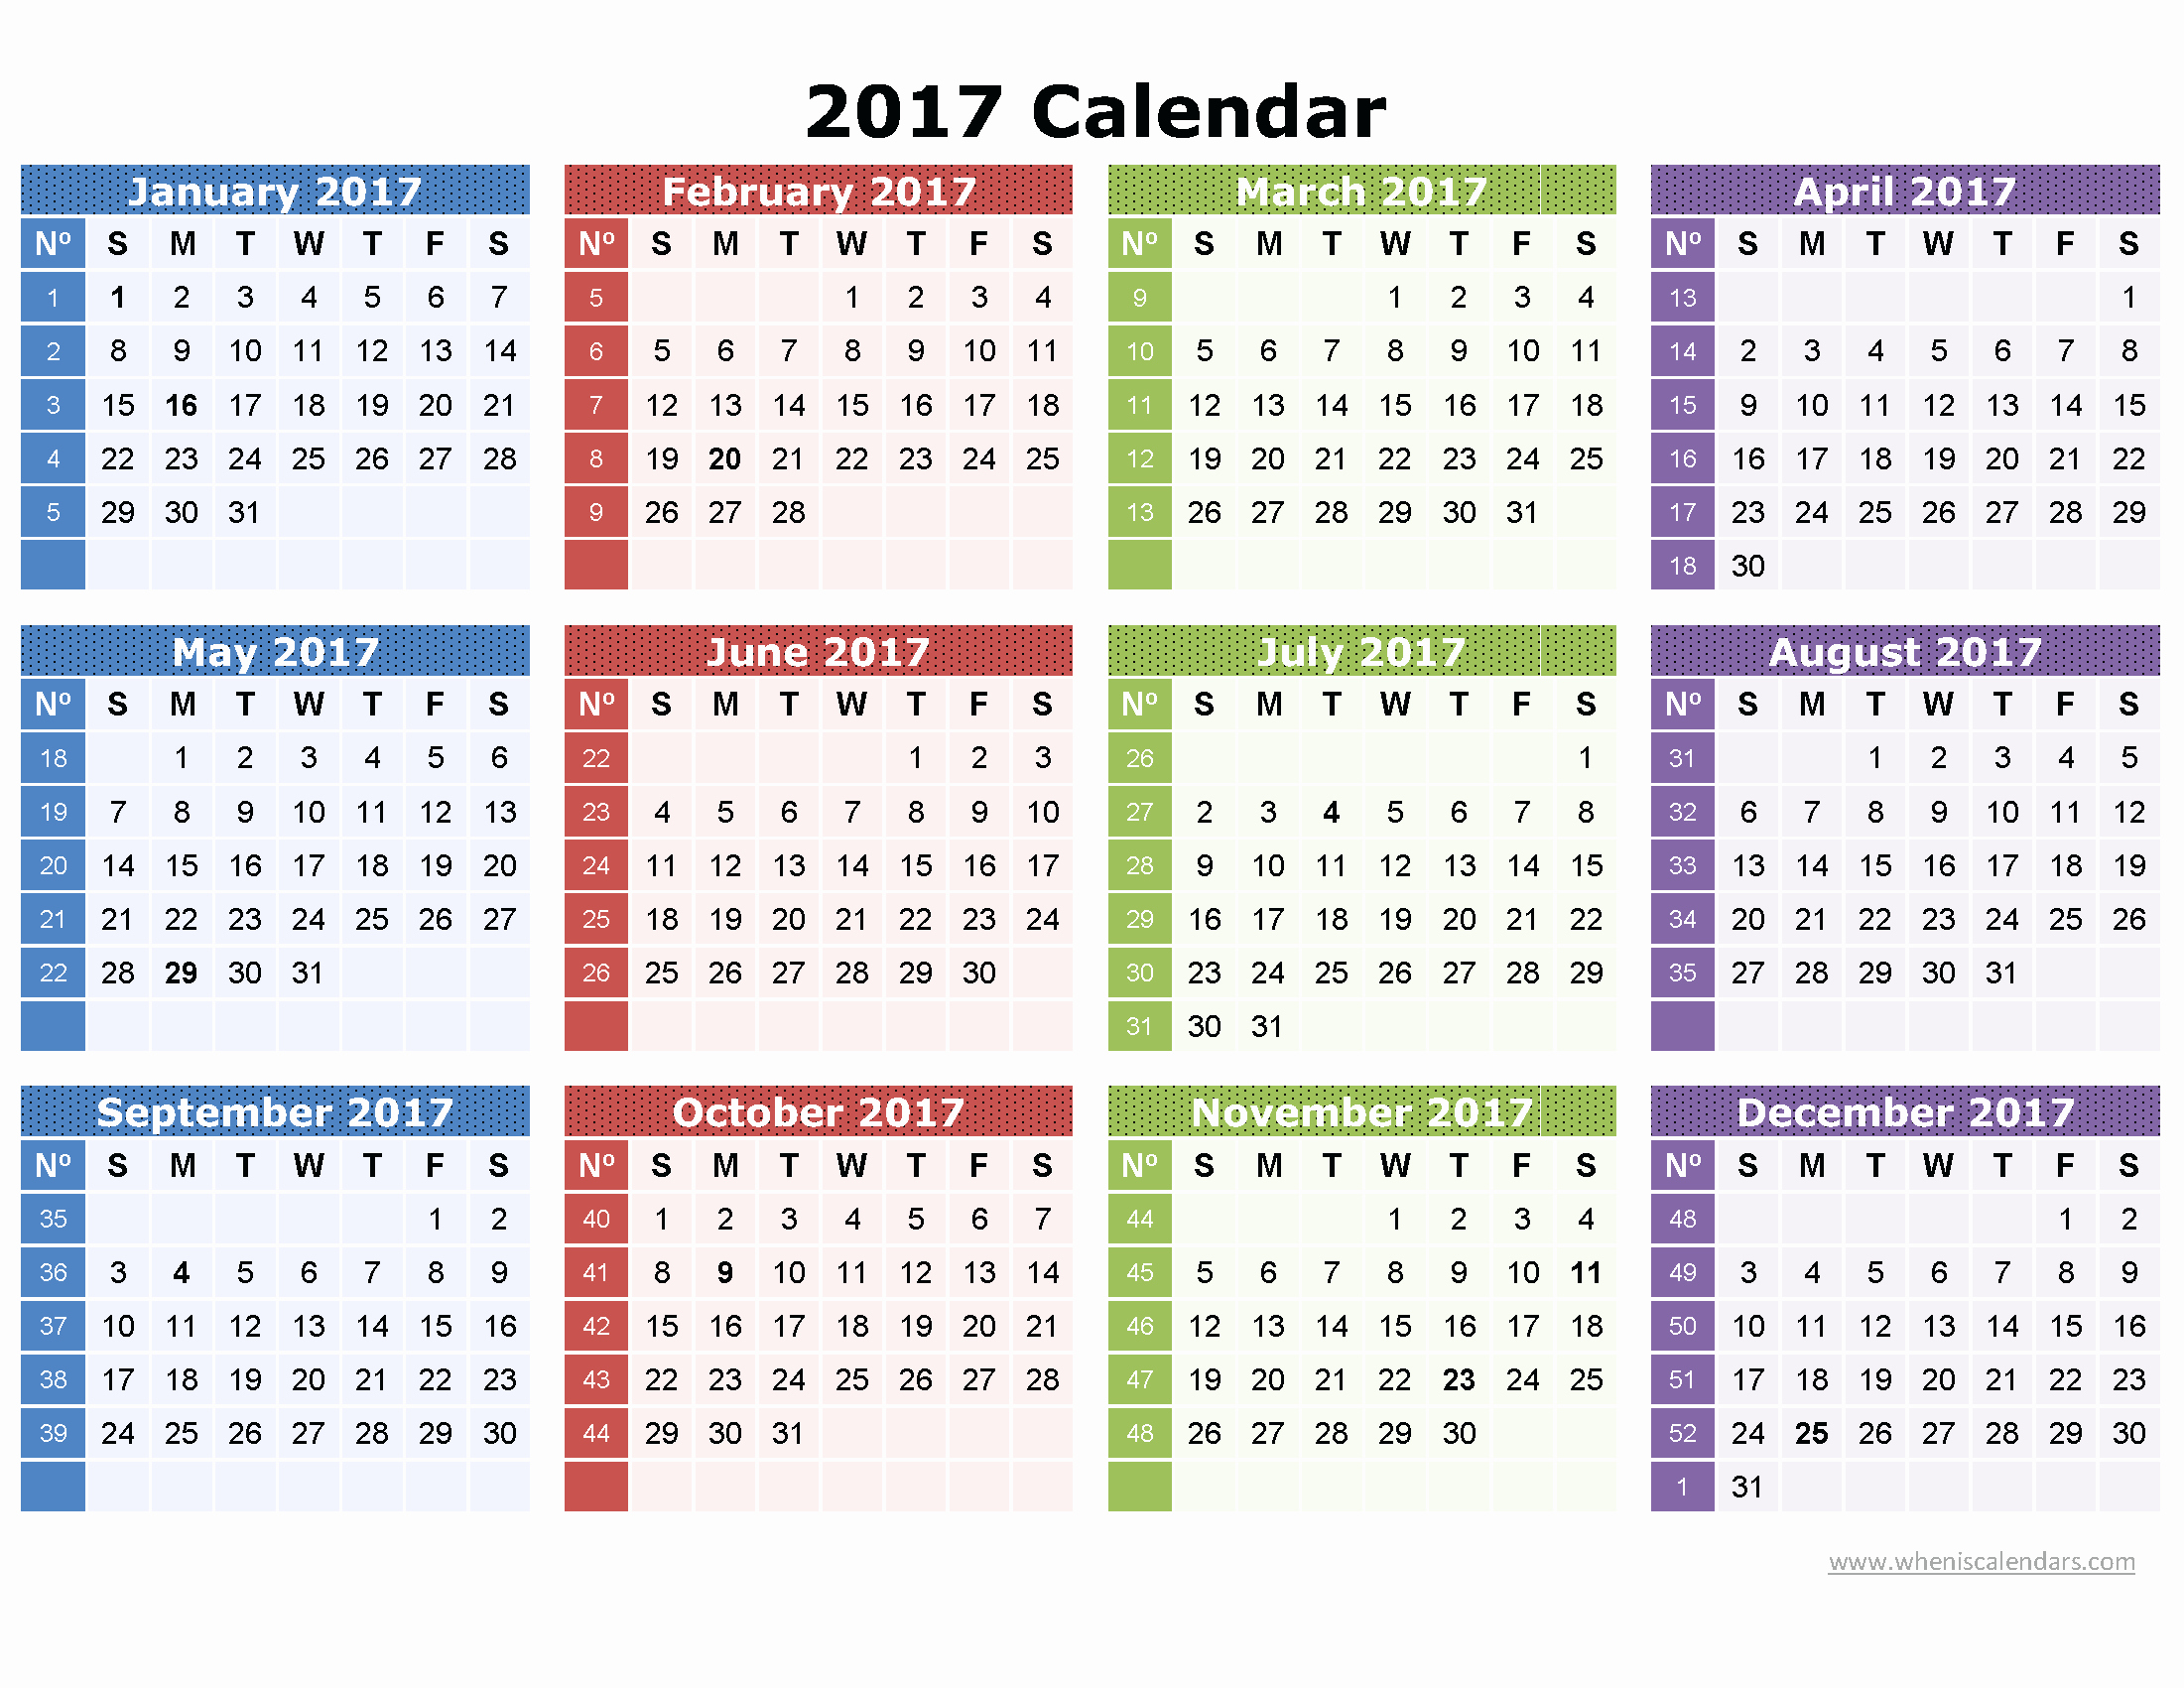 Full Year Calendar 2017 Printable Beautiful 2017 Year Calendar Wallpaper Download Free 2017 Calendar